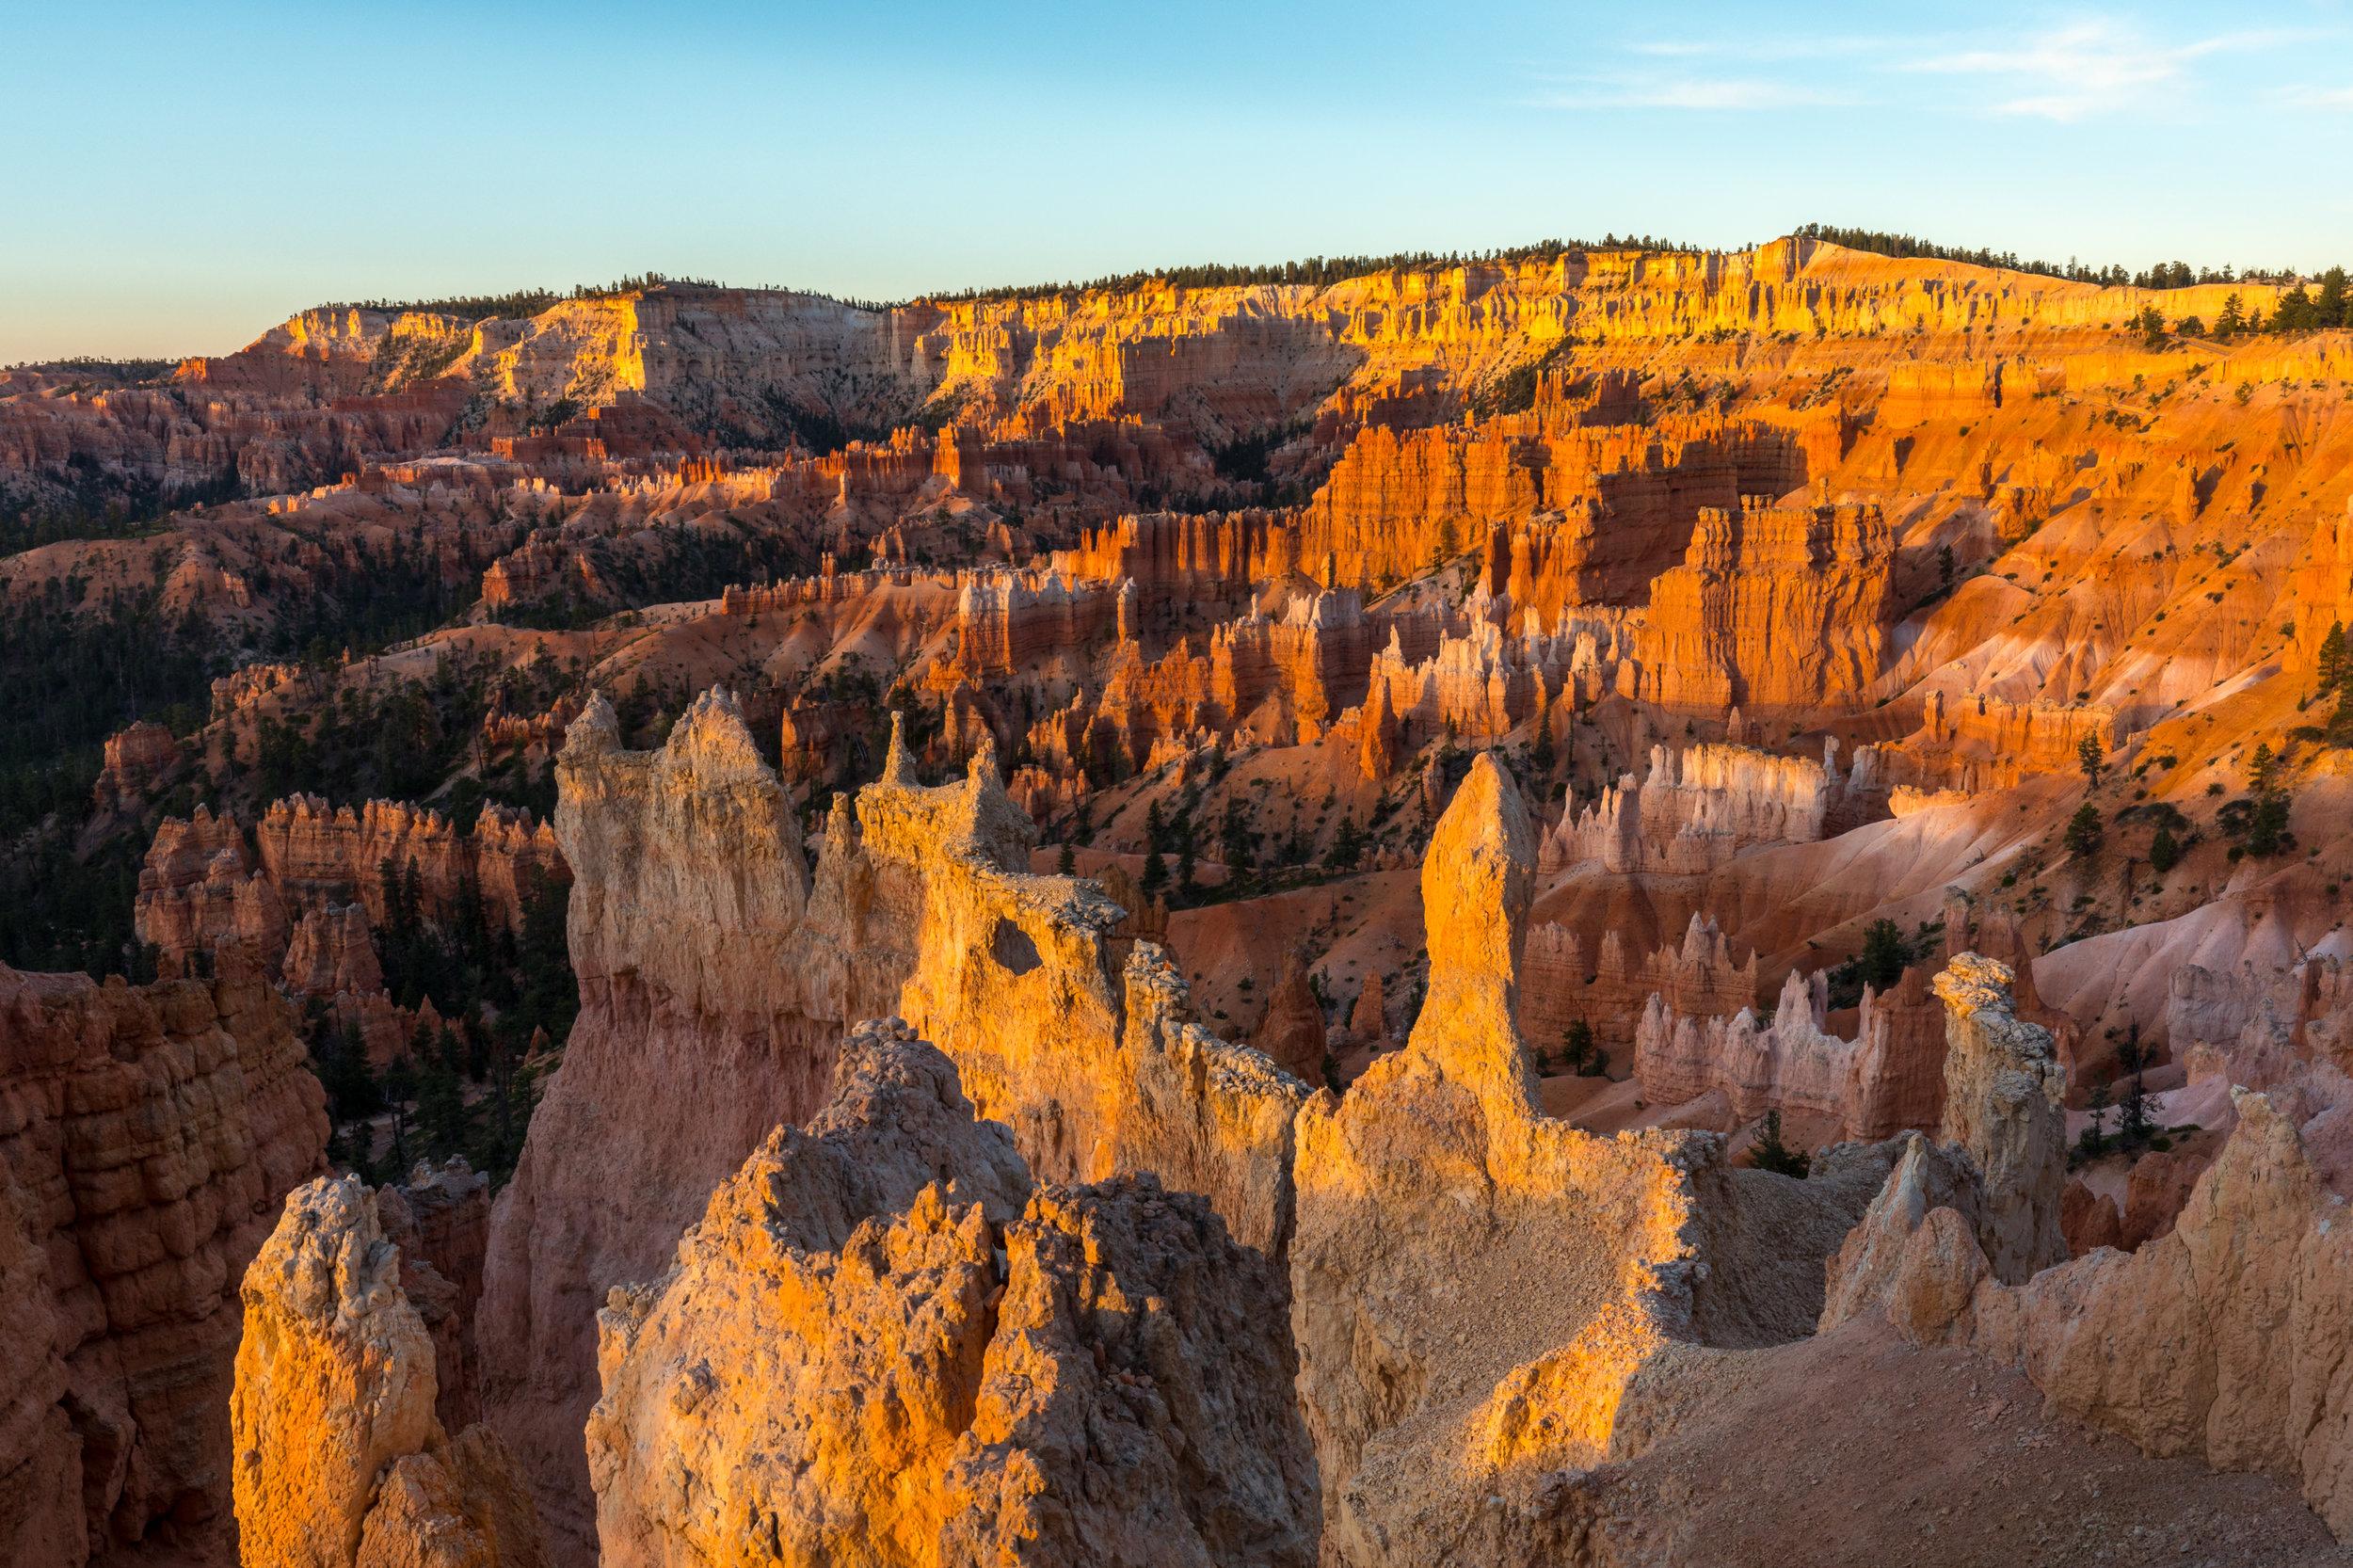 Sunrise Bryce National Park, Image # 0595